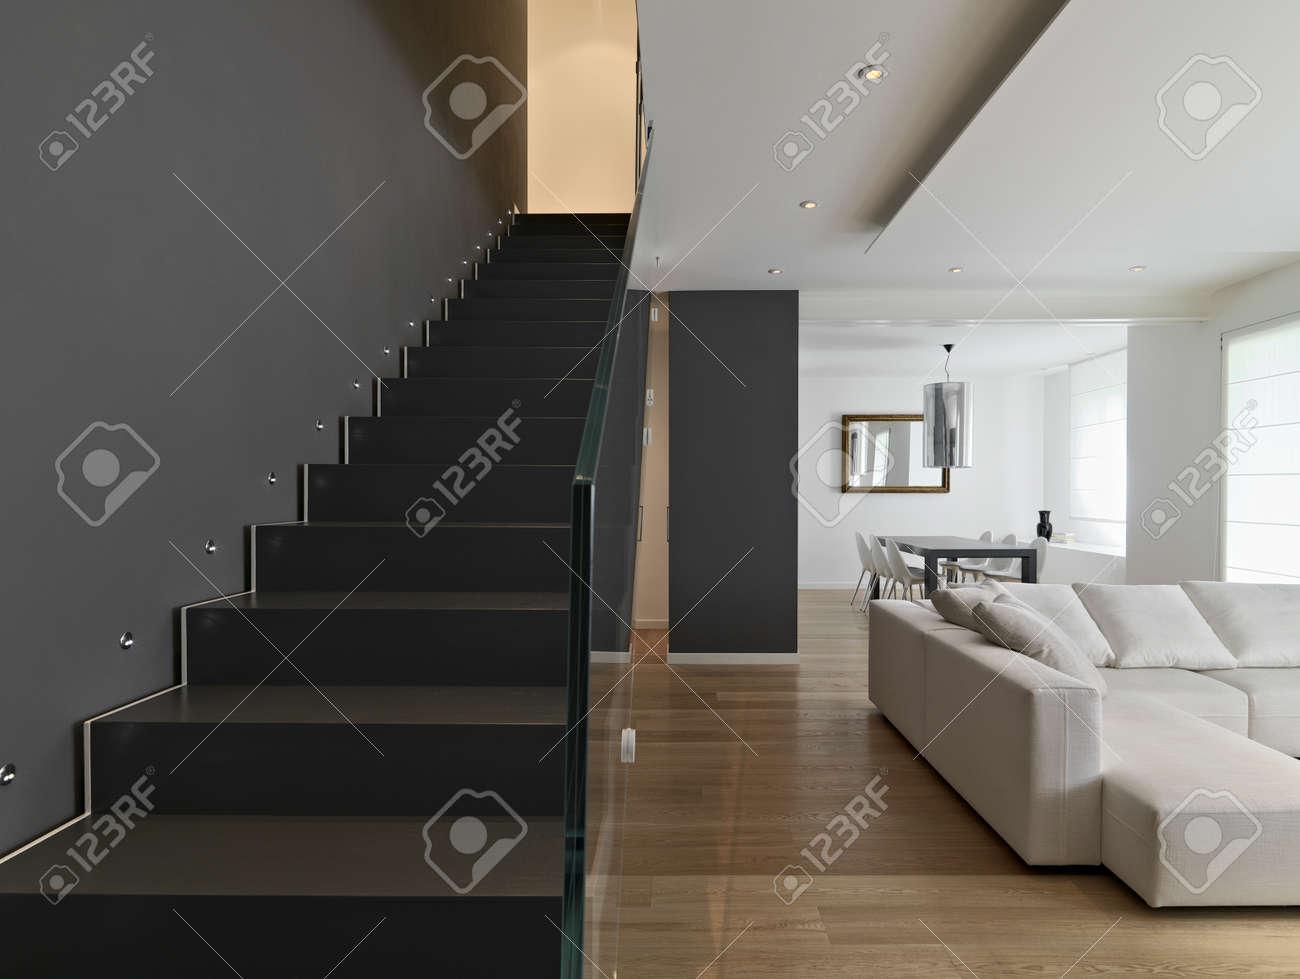 Intérieur De Salon Moderne, Escalier, Canapé En Tissu Et Plancher En ...